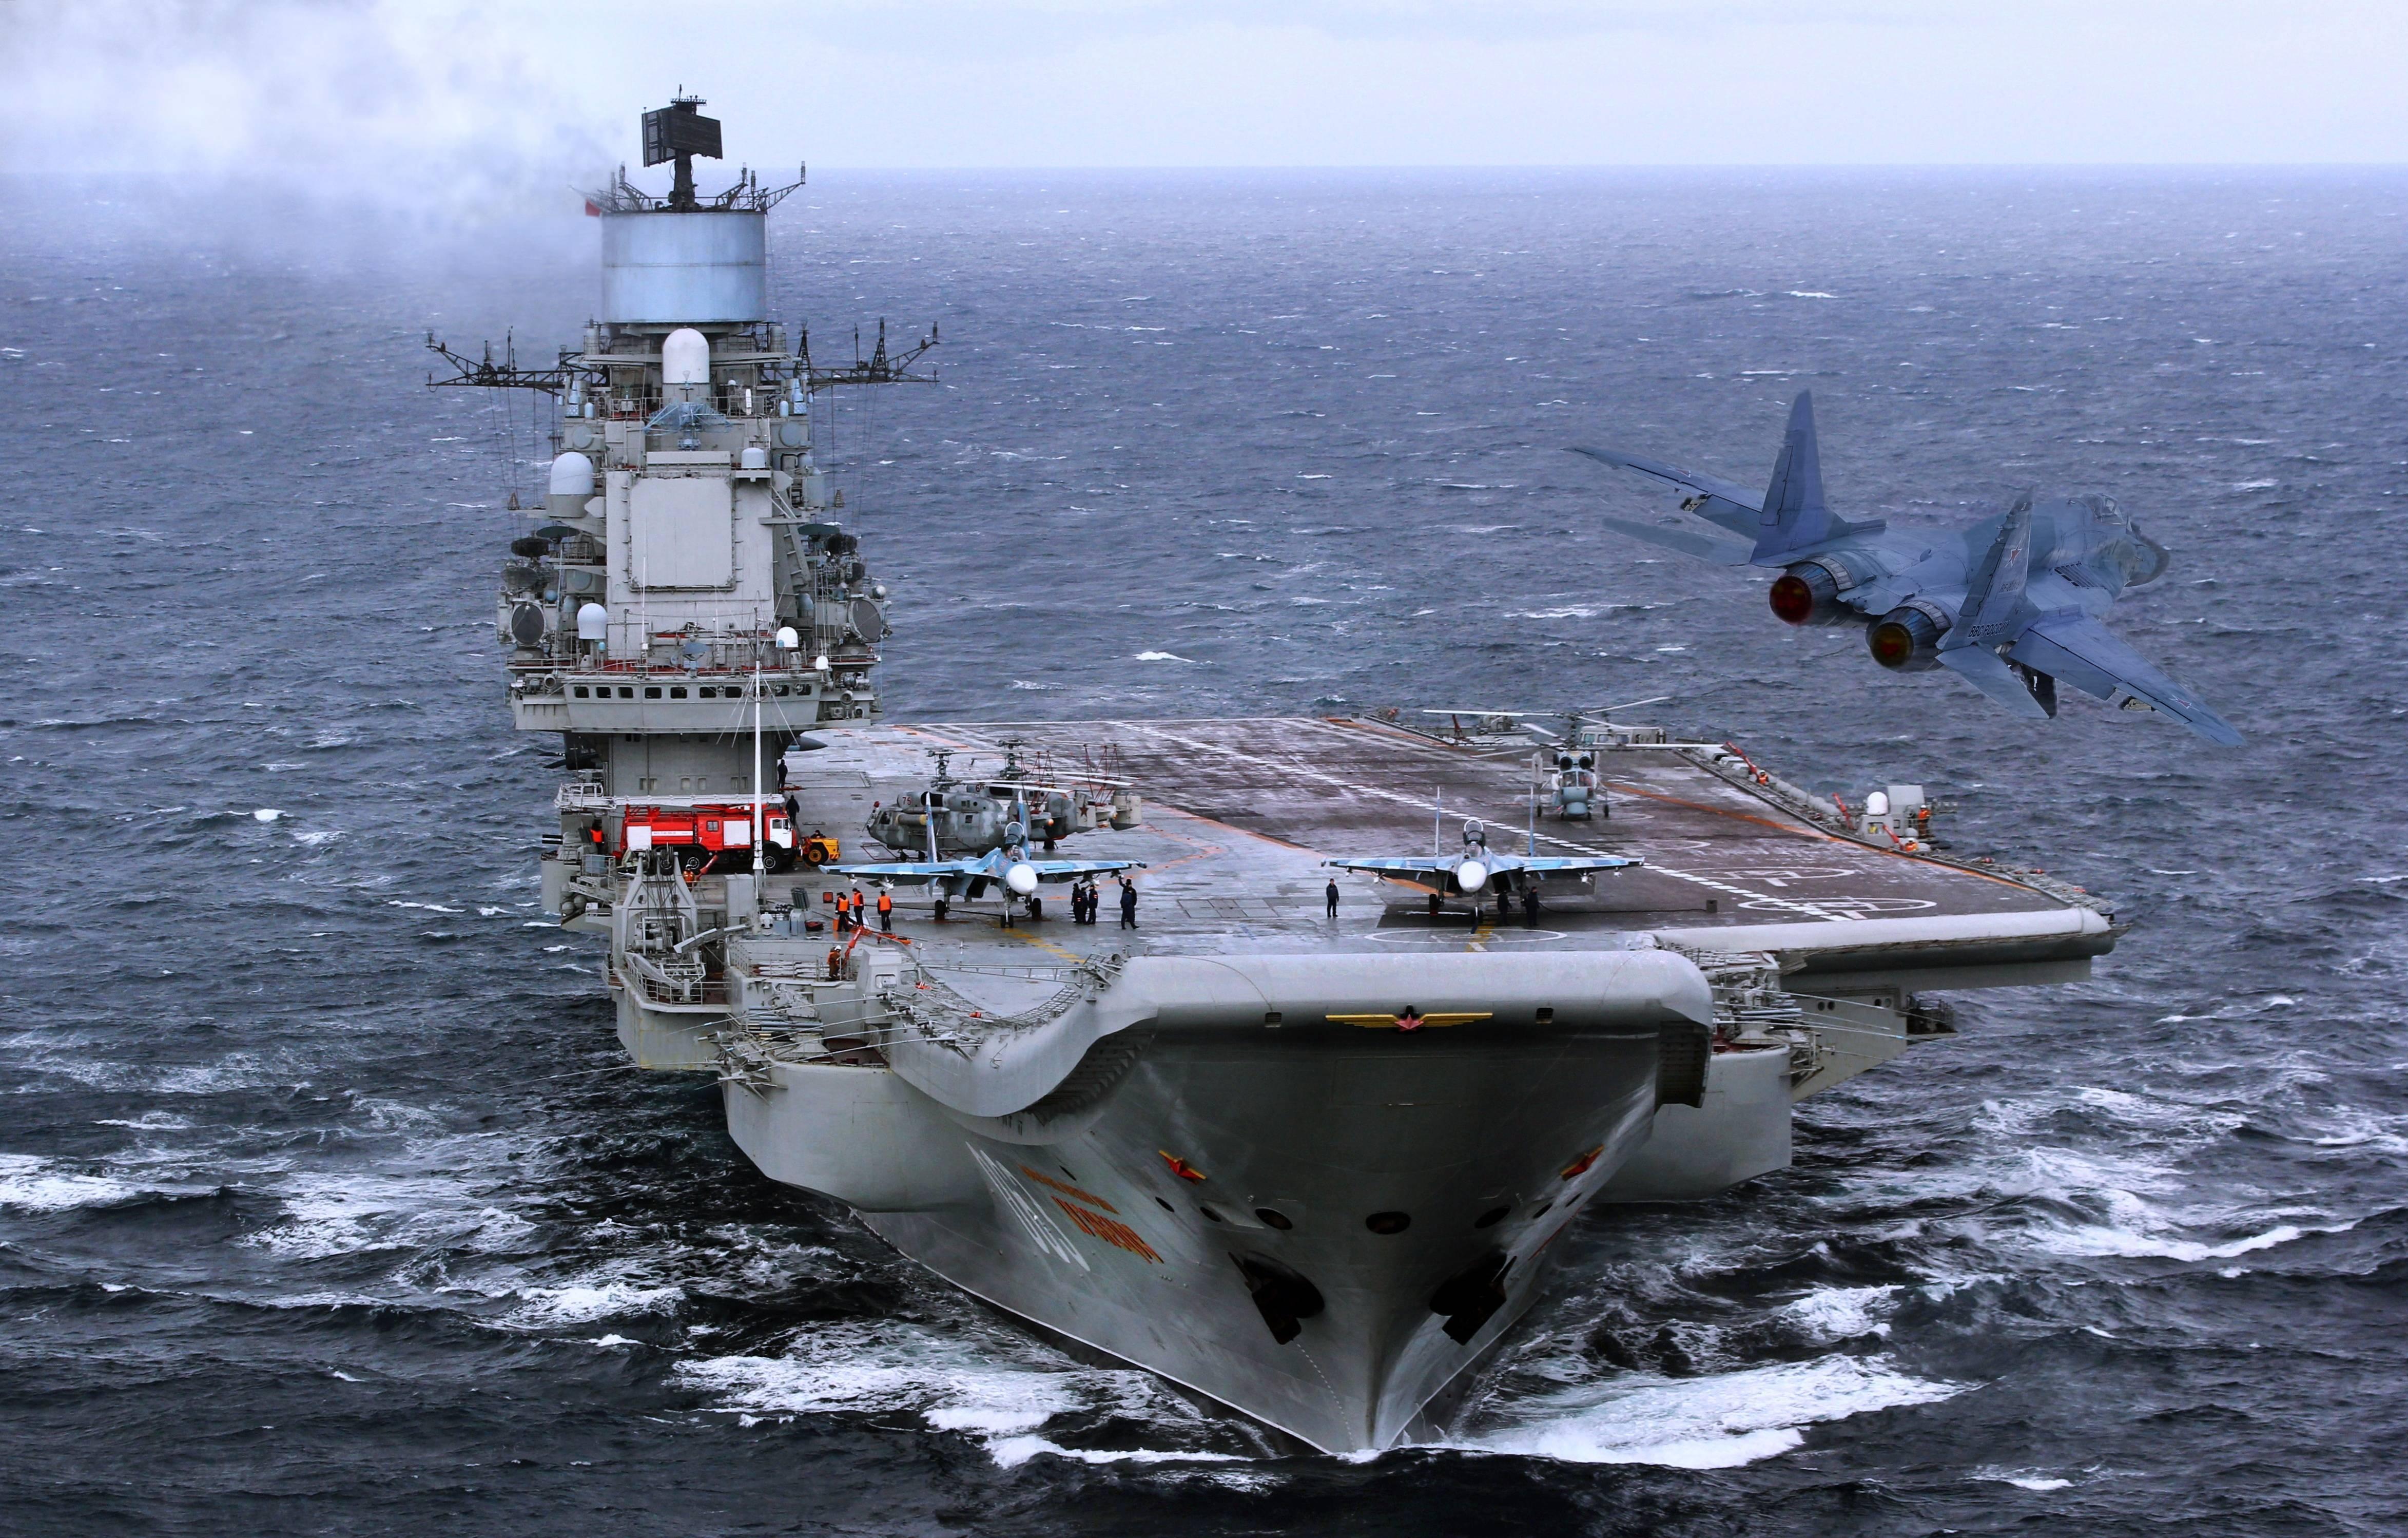 Адмирал кузнецов – герой, в честь которого назван русский авианосец – новости руан